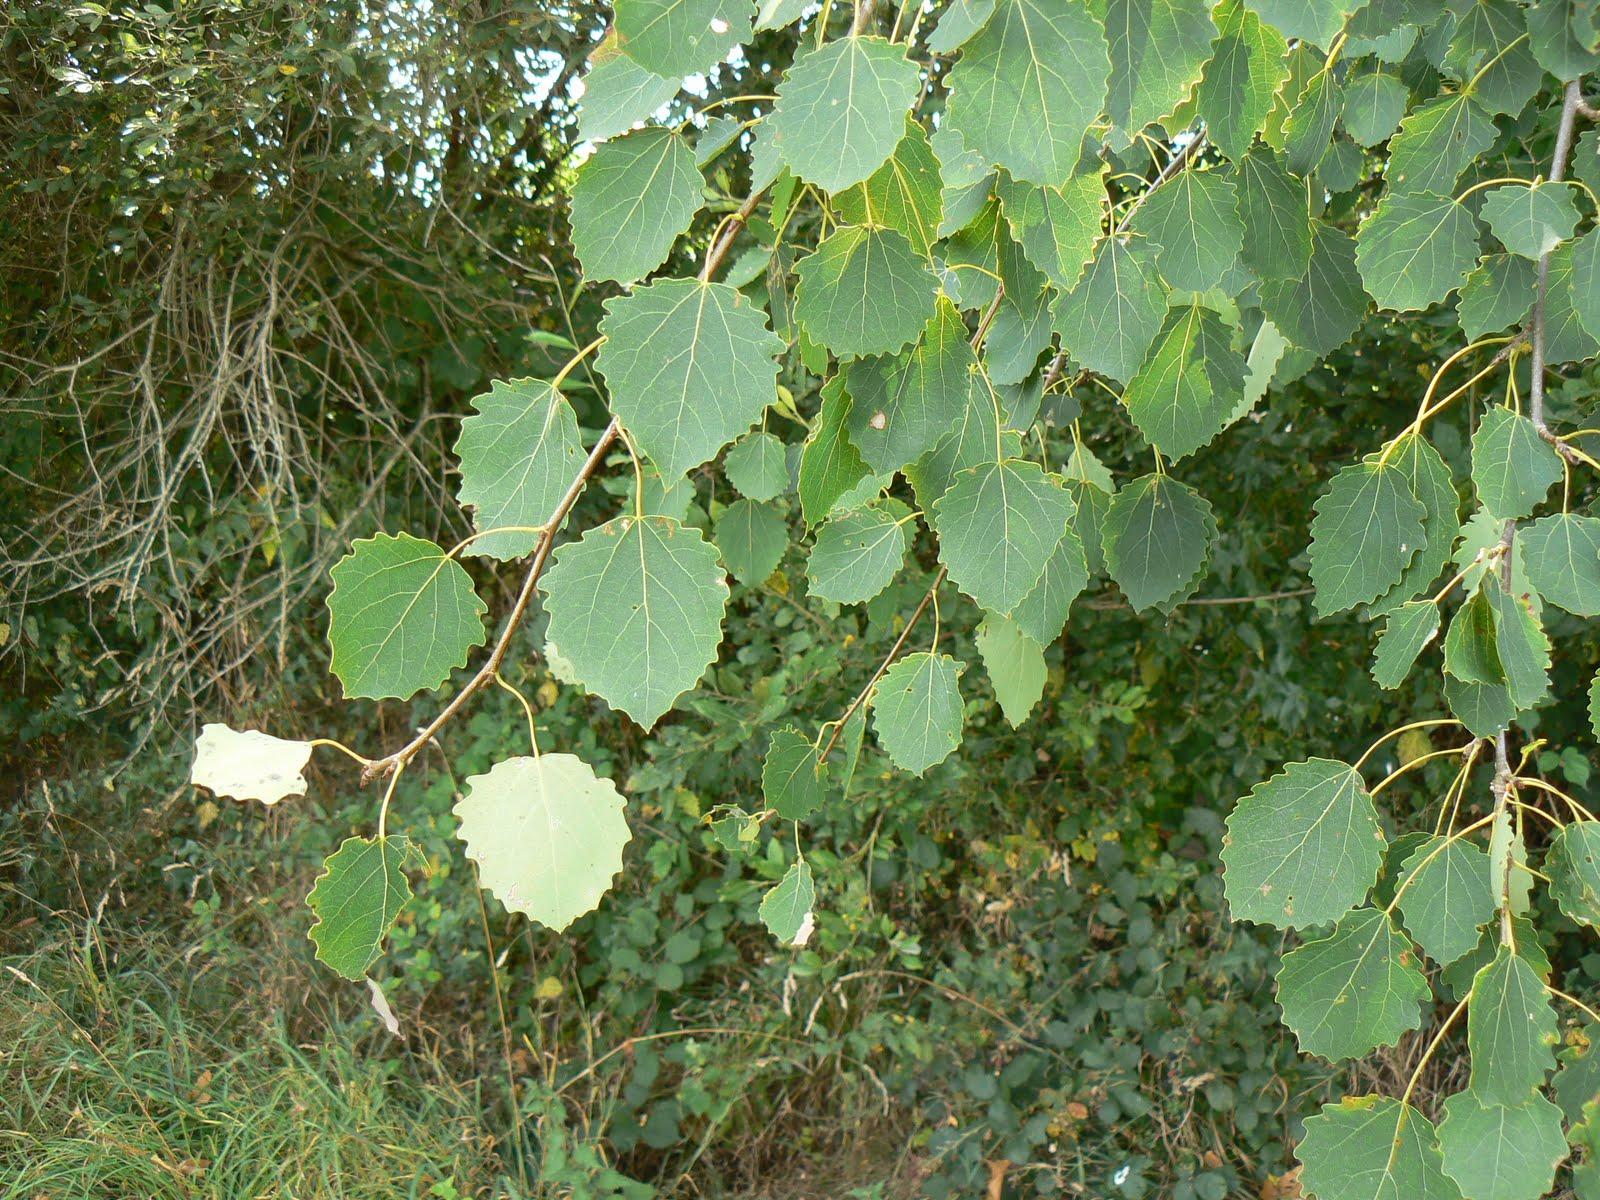 Kalon gwez jardin de l 39 arbre de vie formation elixirs for Au jardin des sans pourquoi